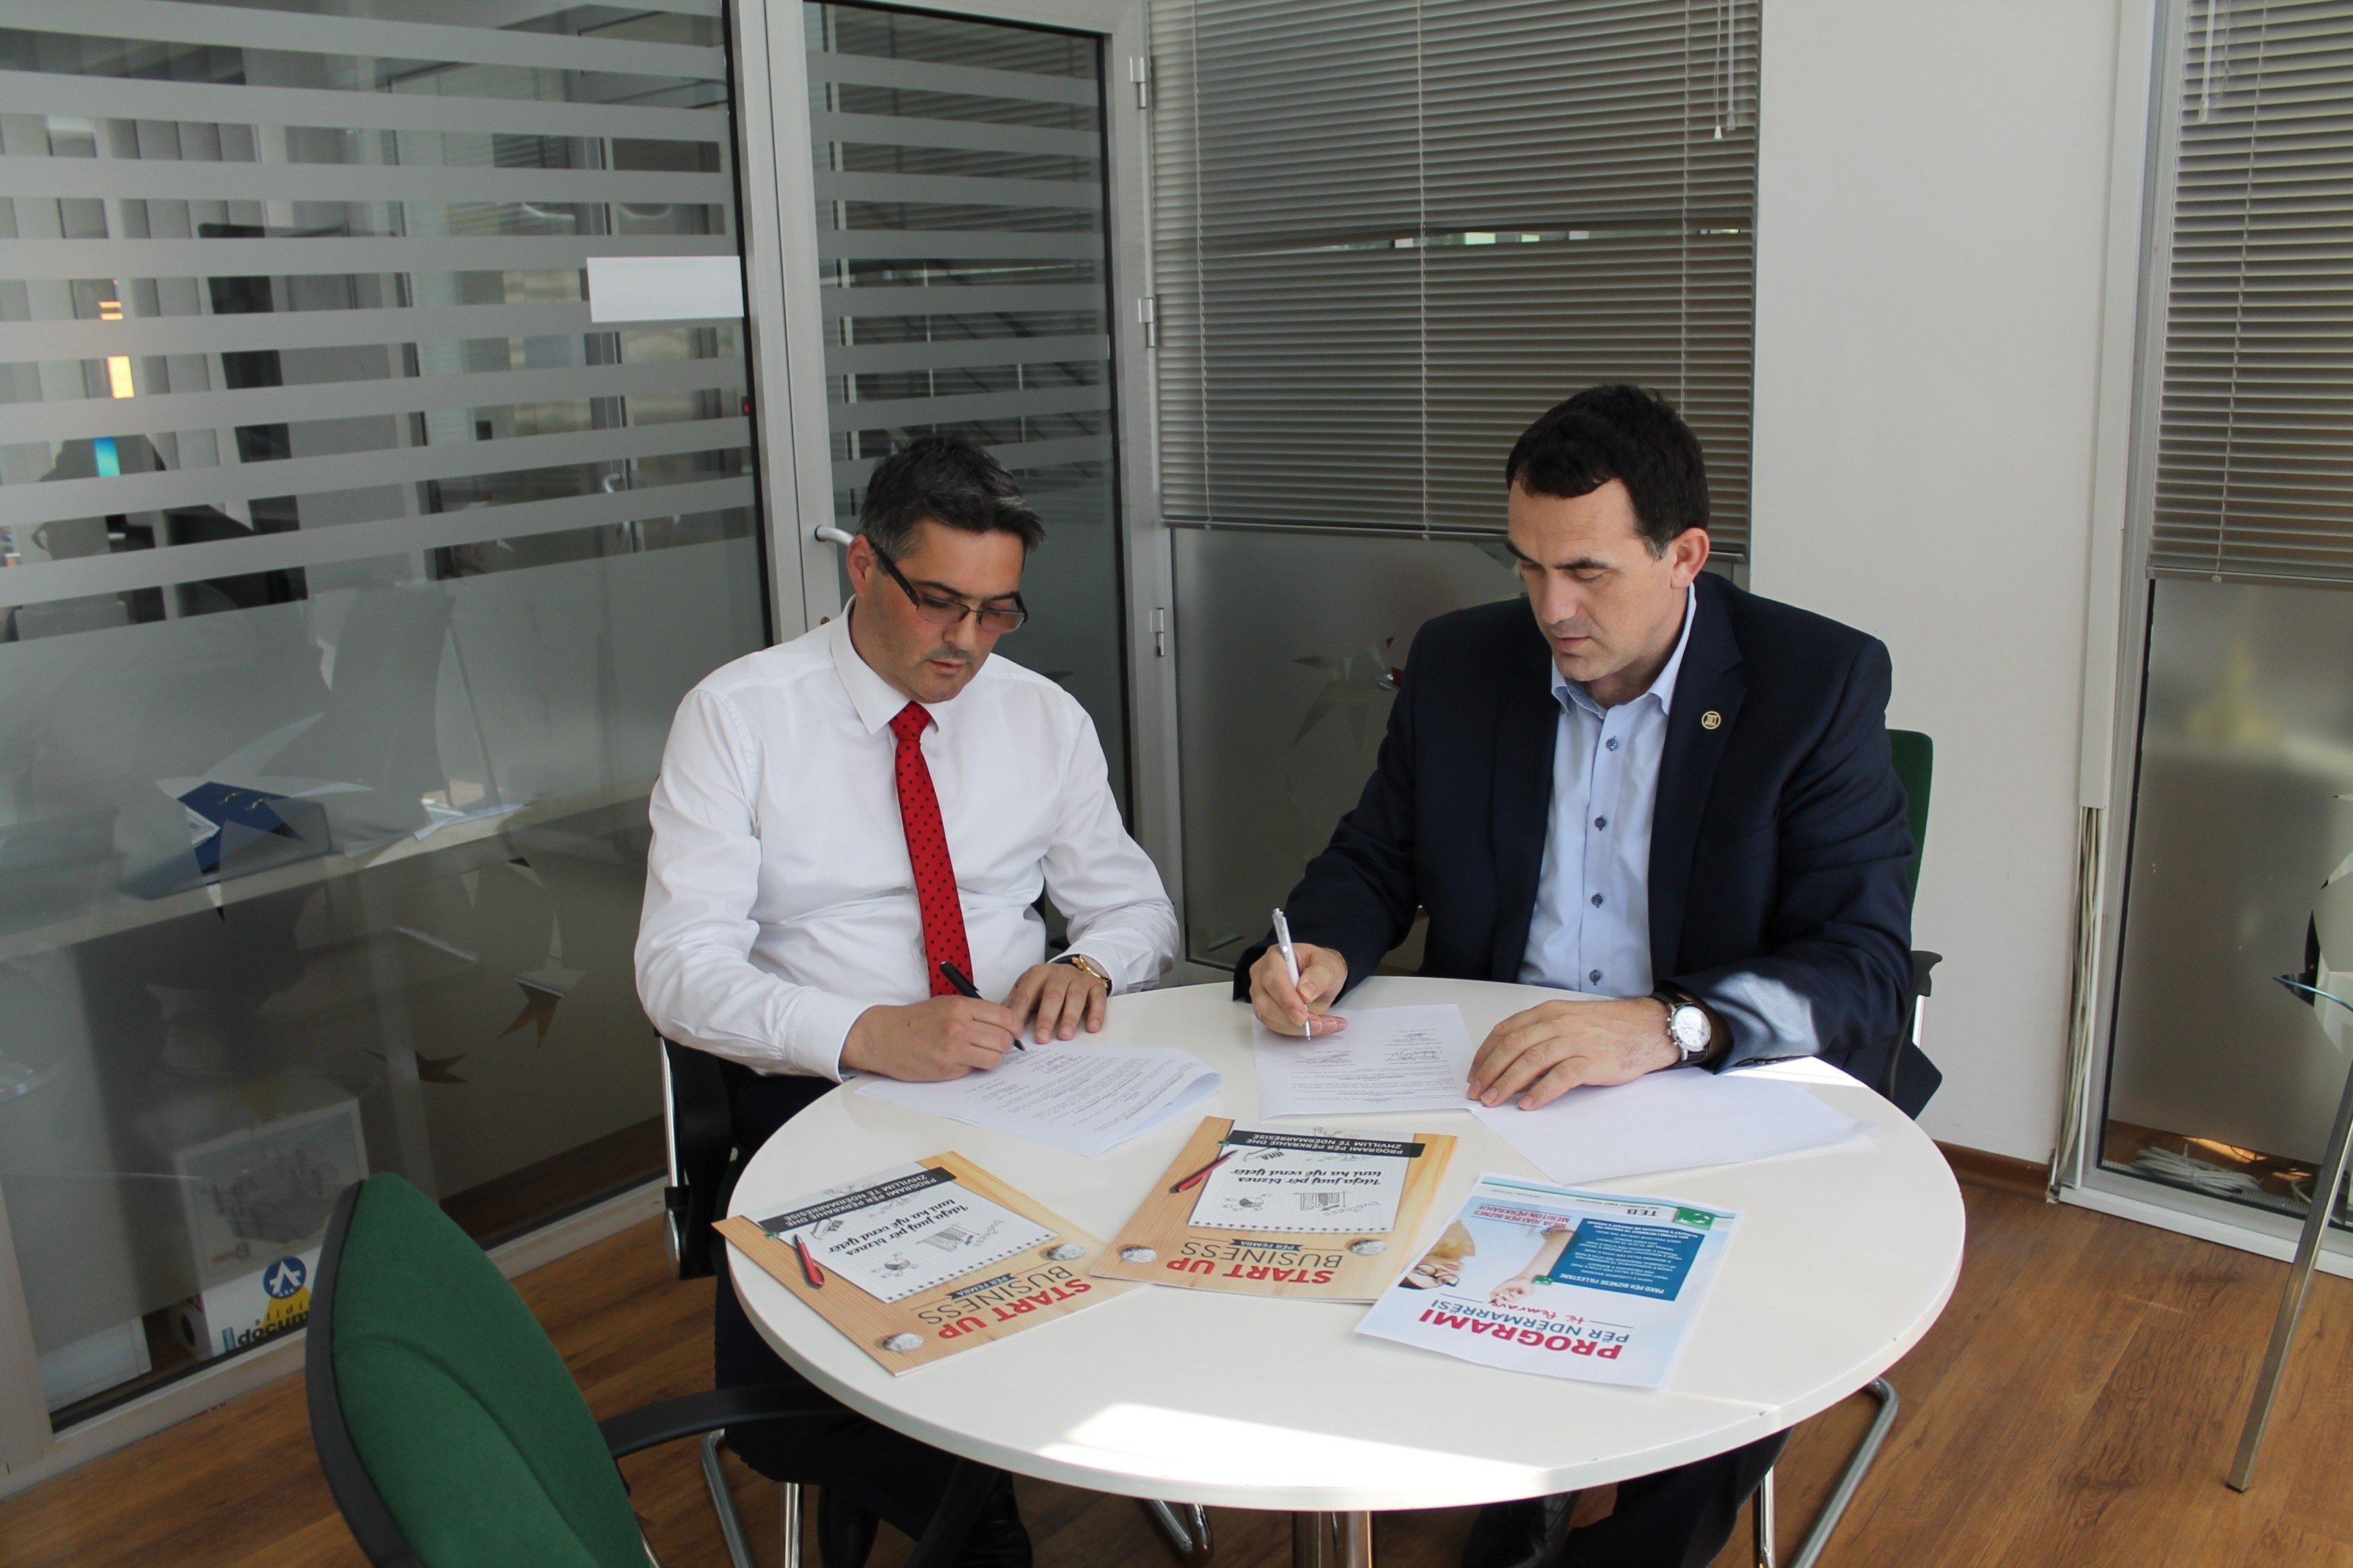 UBT dhe TEB Bank nënshkruan marrëveshje bashkëpunimi për biznese të reja dhe inkubator të biznesit